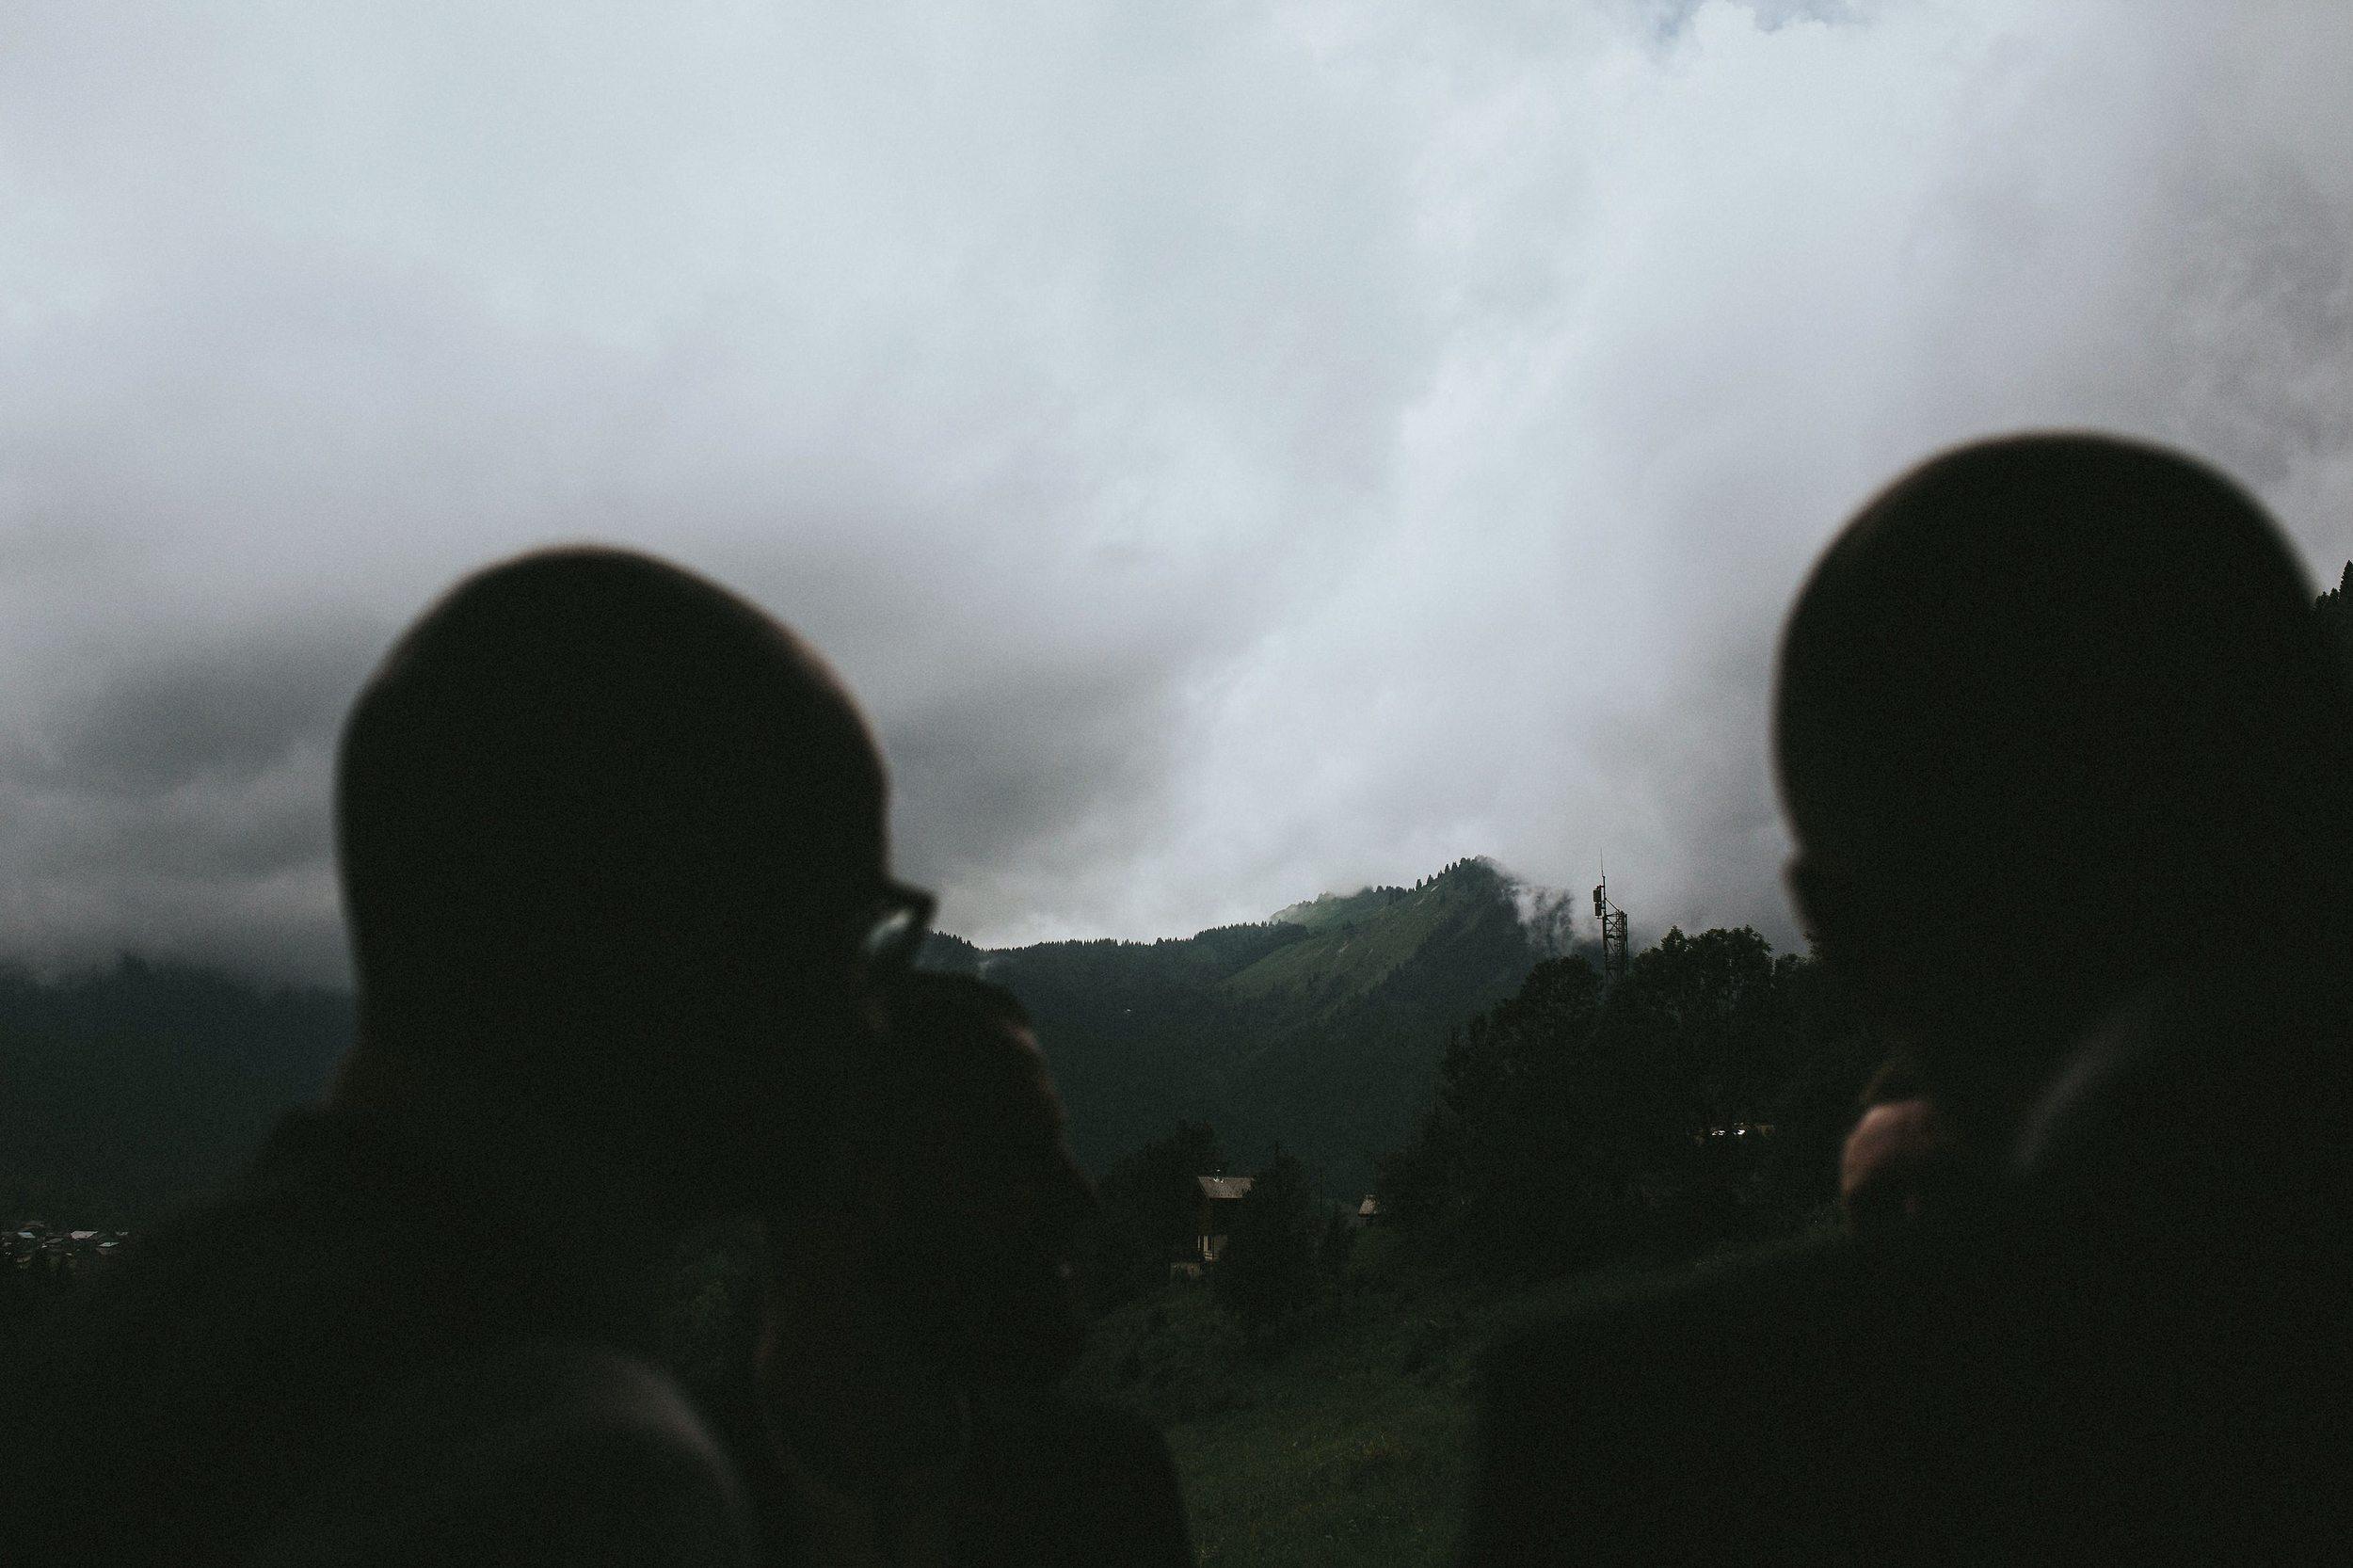 mariage-suisse-haute-savoie-domaine-baron-steven-bassillieaux-bordeaux-dordogne-wedding-photographe-47.jpg